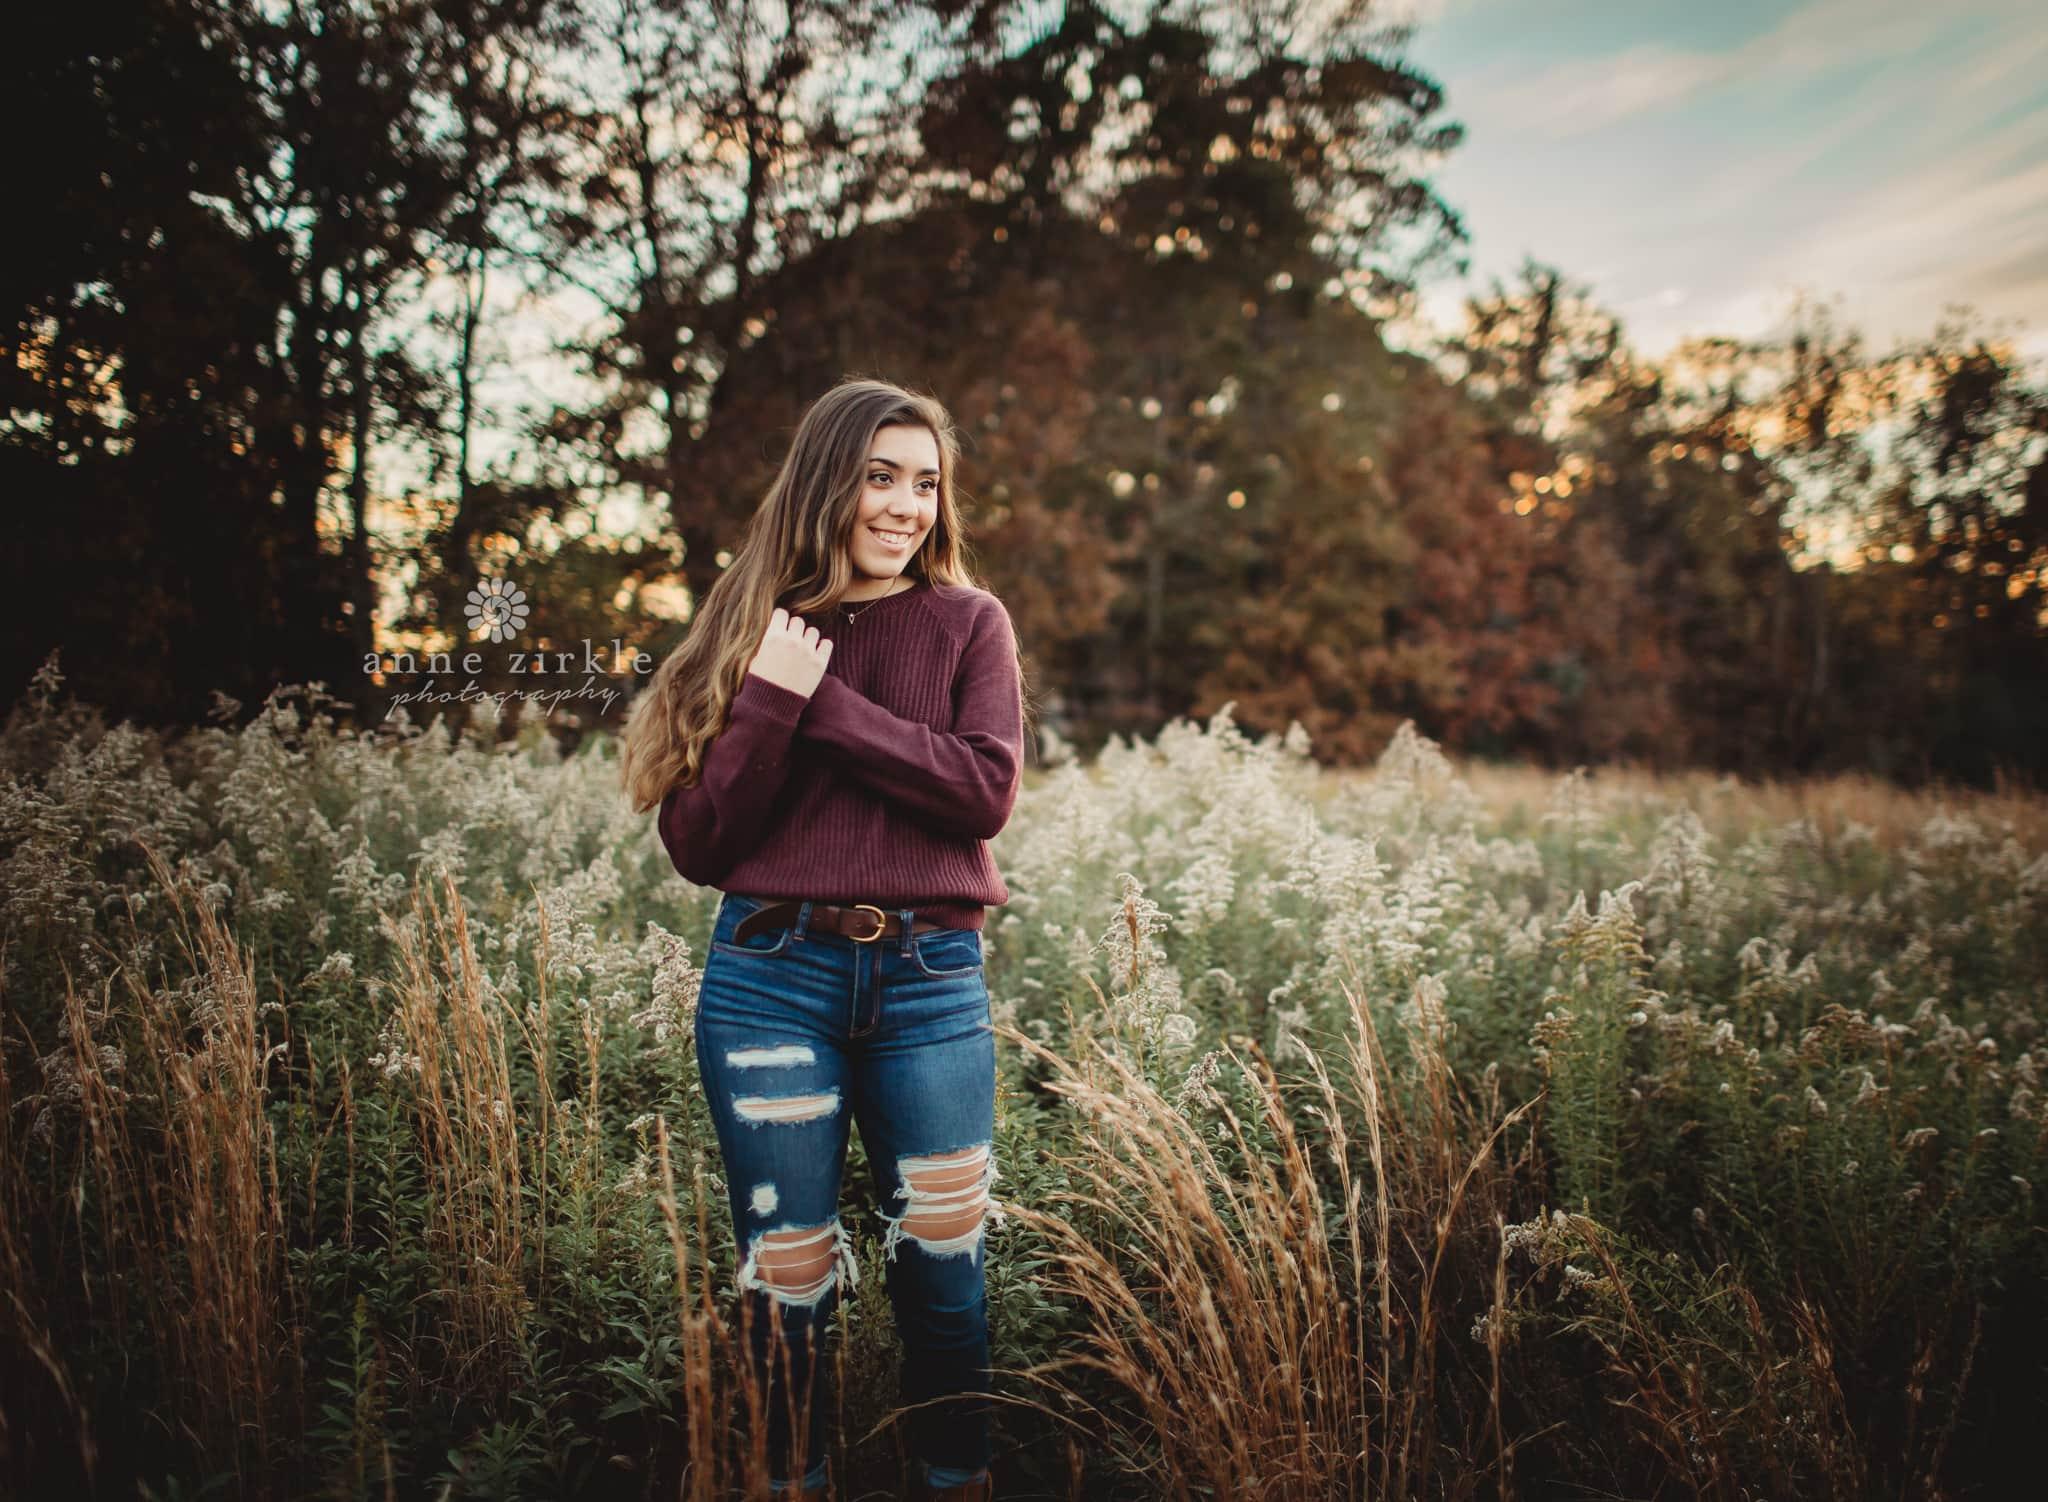 senior girl standing in wild flower field